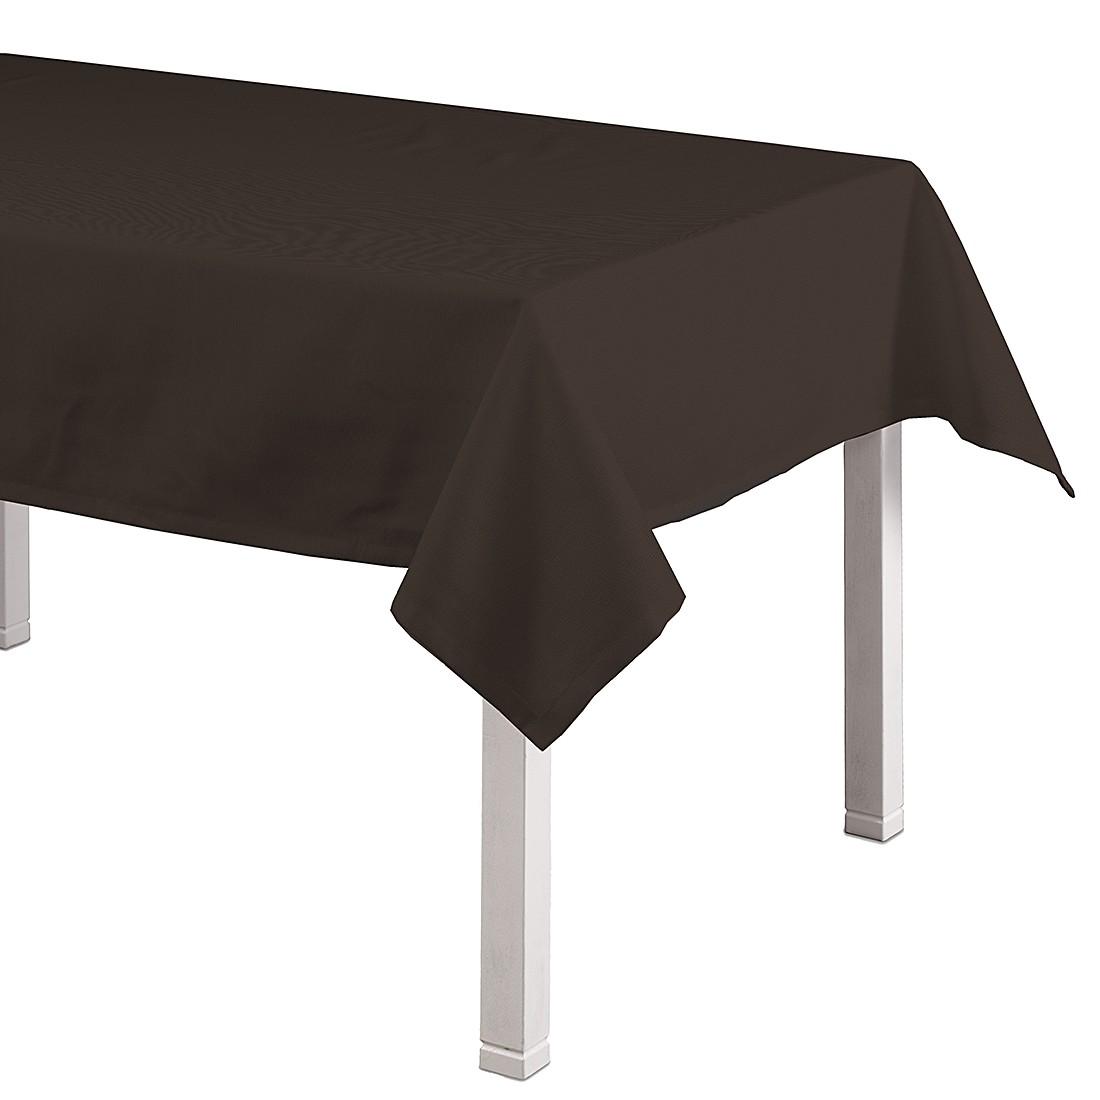 Tischdecke Cotton Panama – Dunkelbraun – 130 x 250 cm, Dekoria günstig kaufen